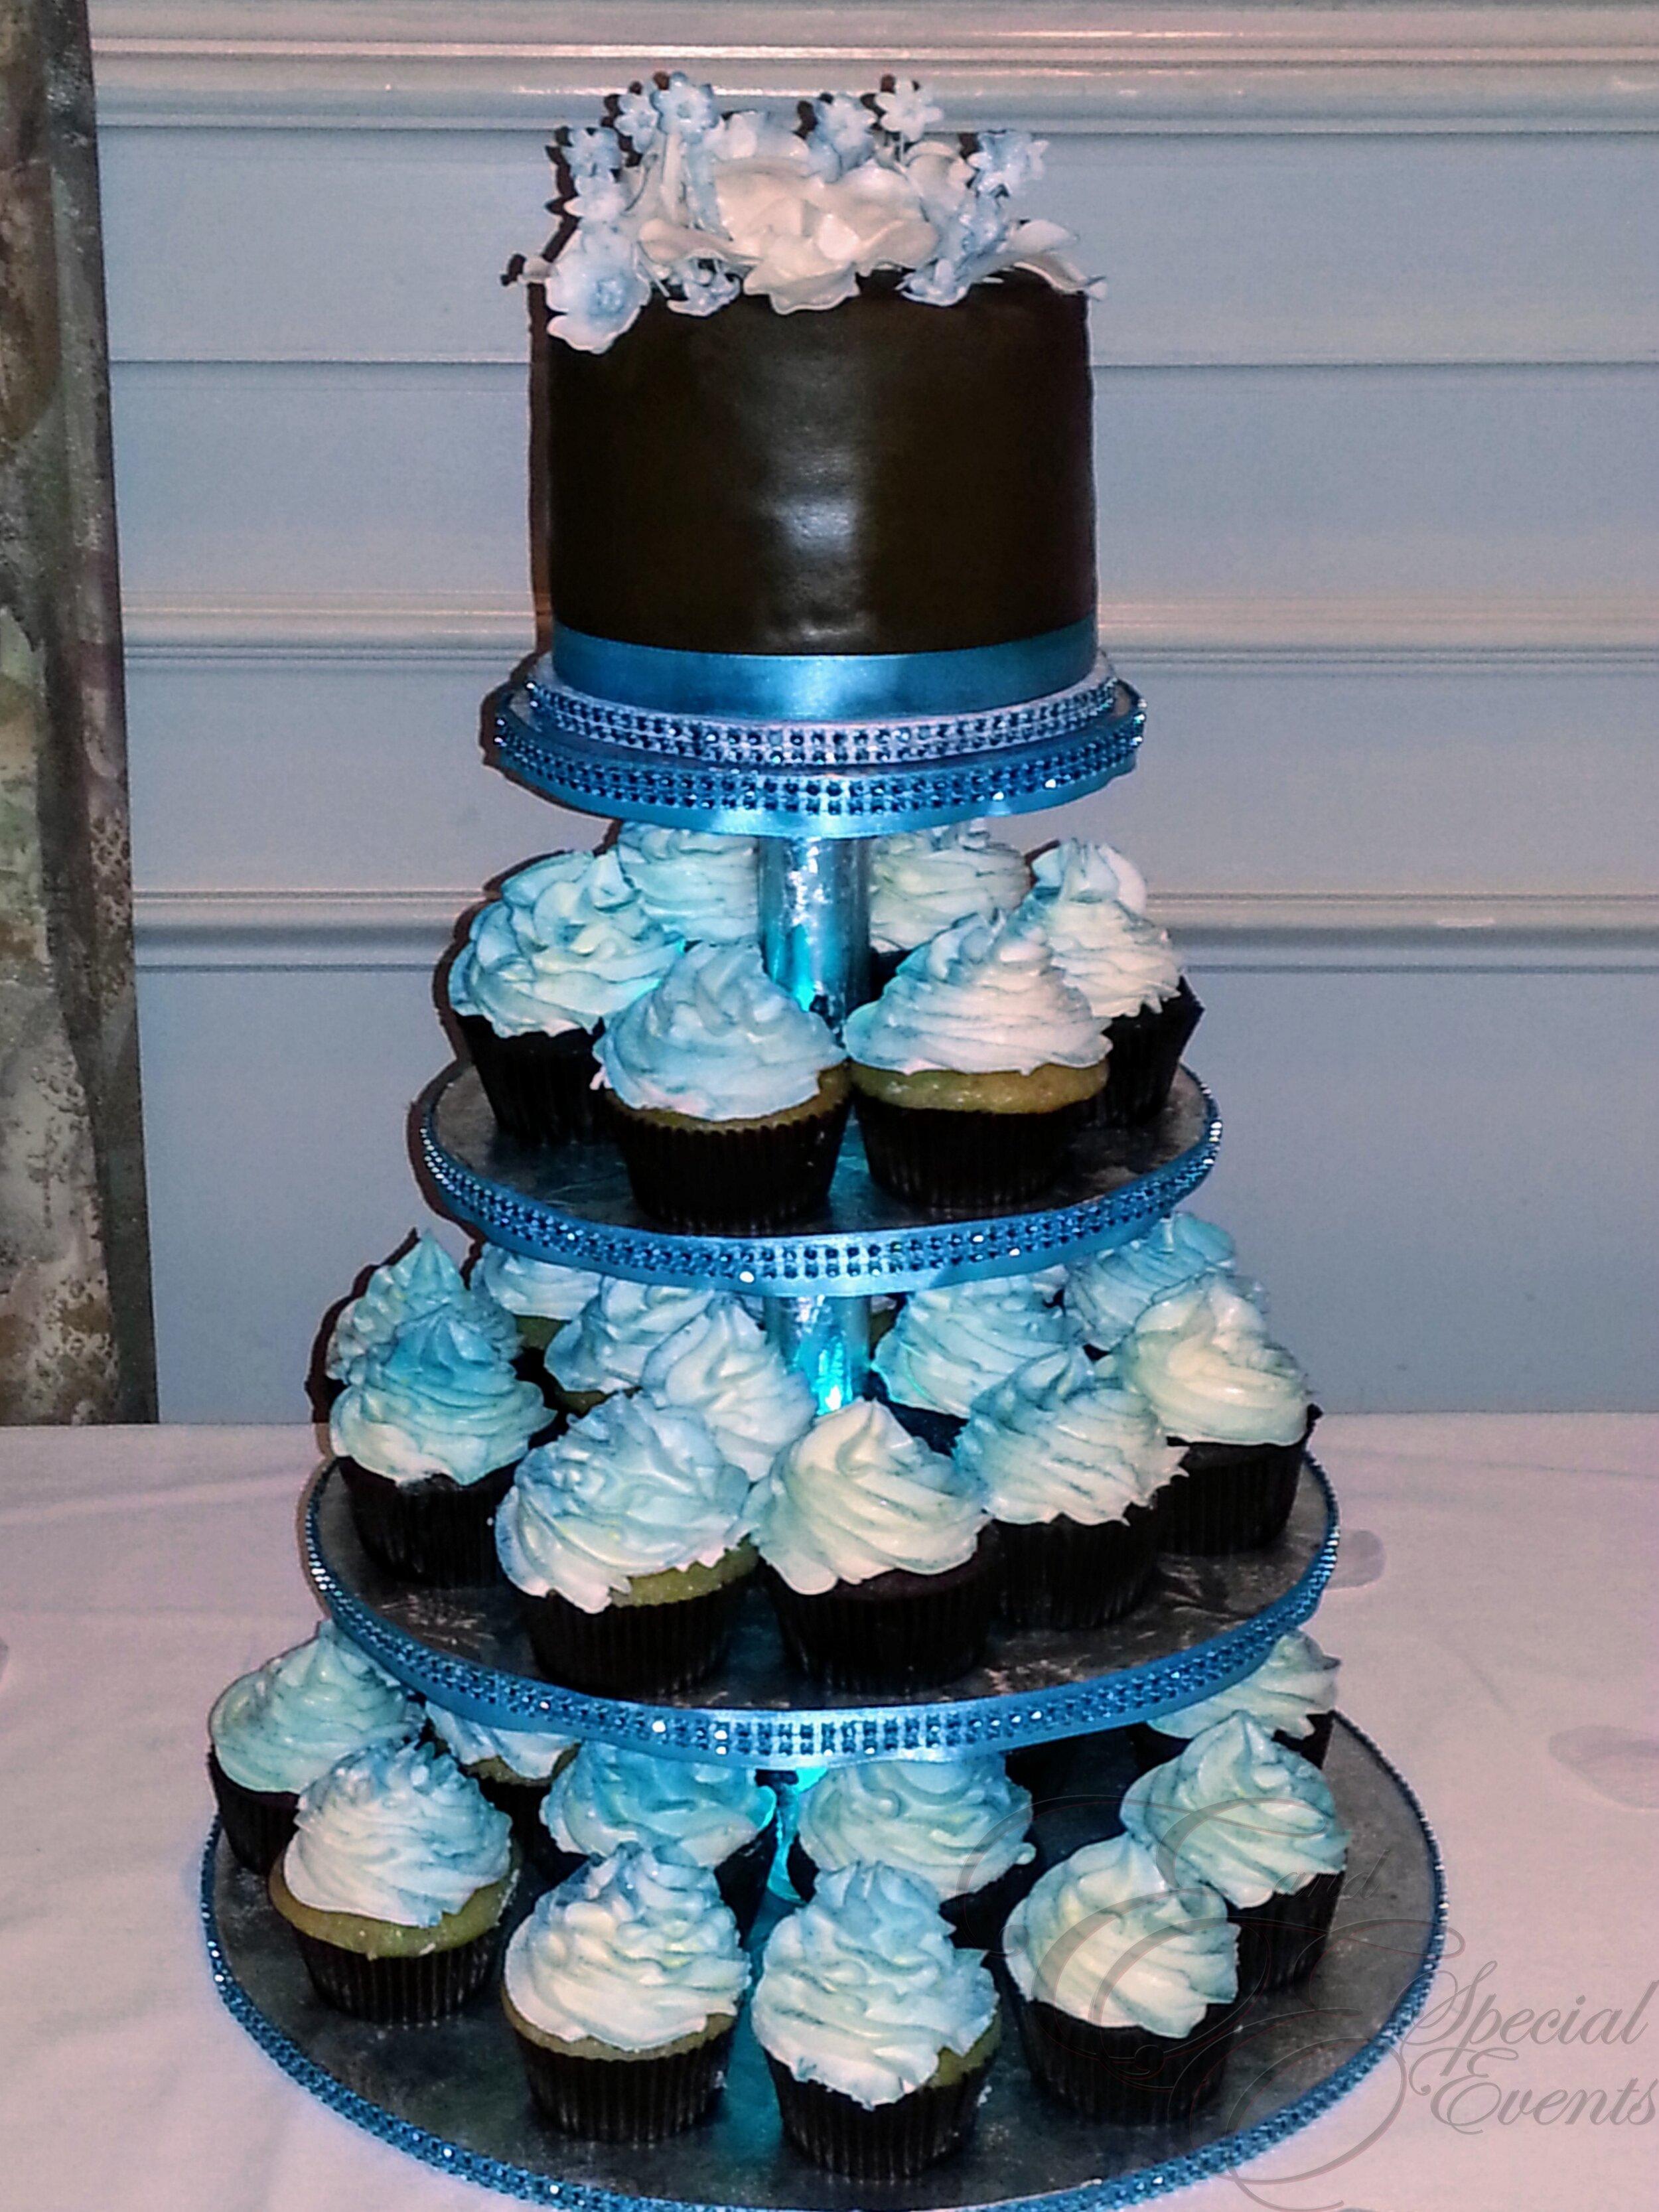 wedding_cakes_E_and_E_Special_Events_virginia_beach_19.jpg